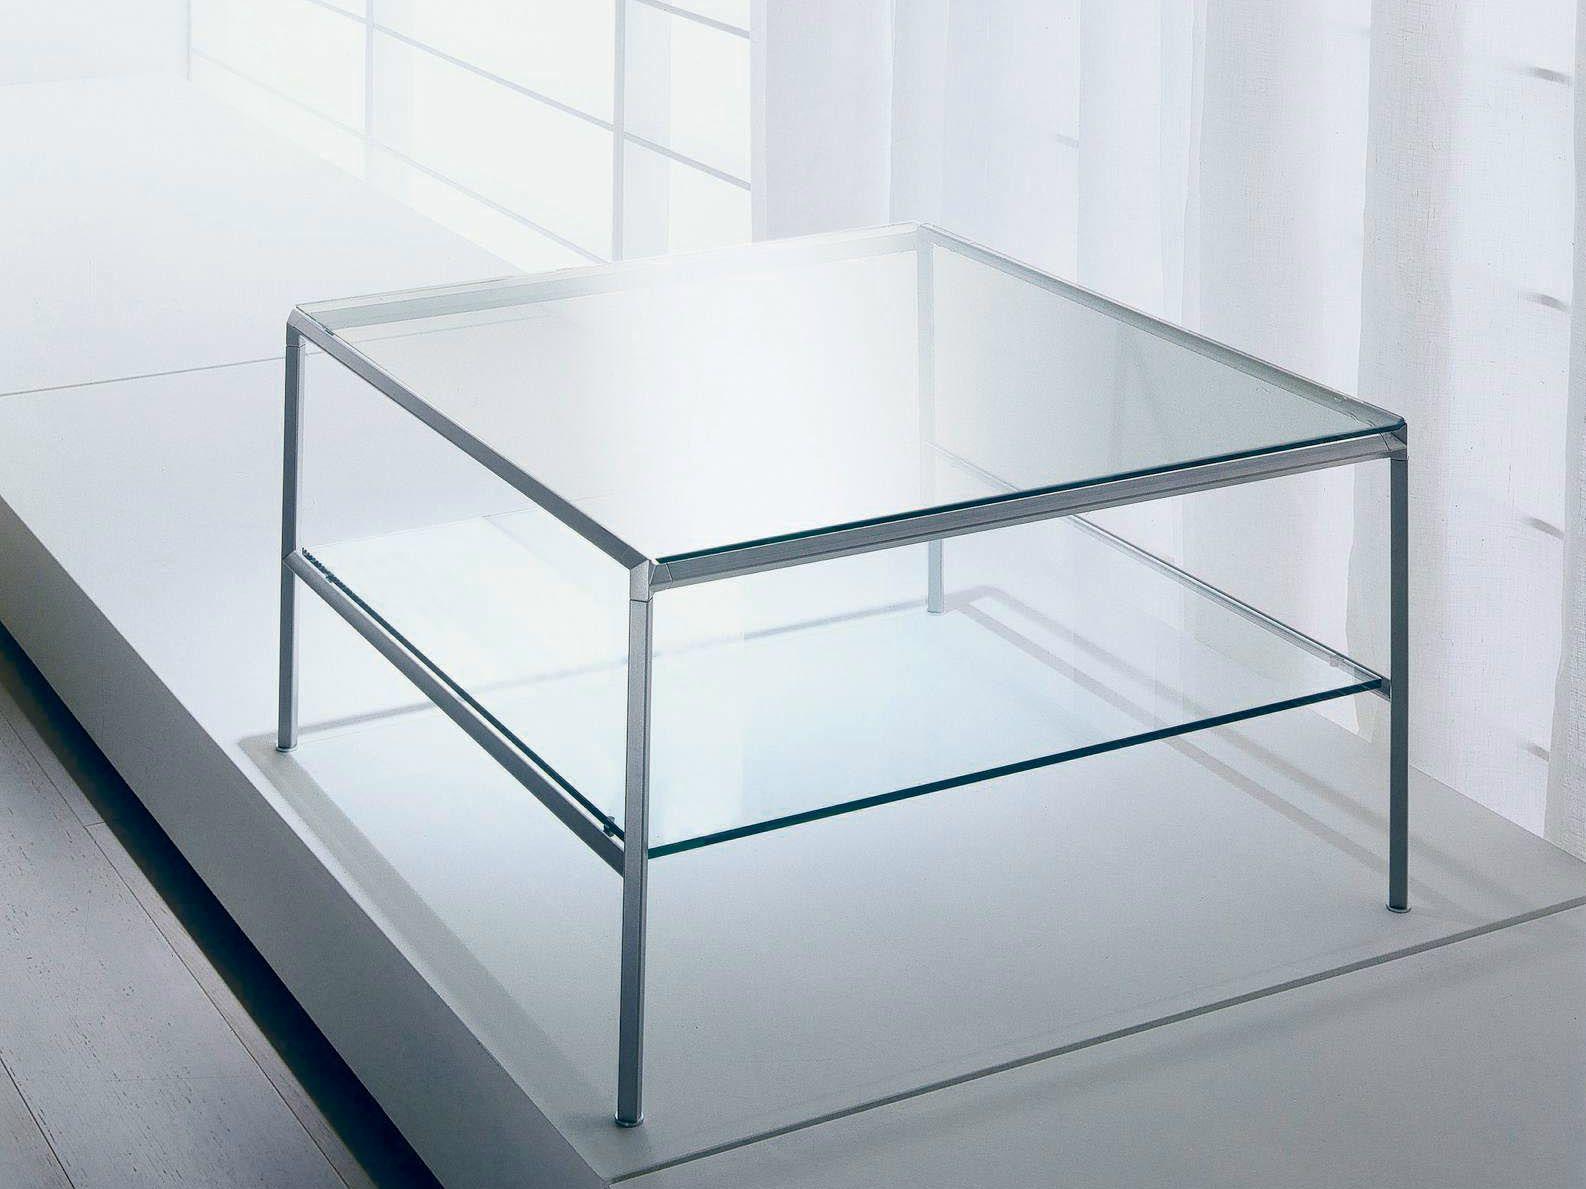 Stunning Tavolini Soggiorno Vetro Ideas - Idee Arredamento Casa ...